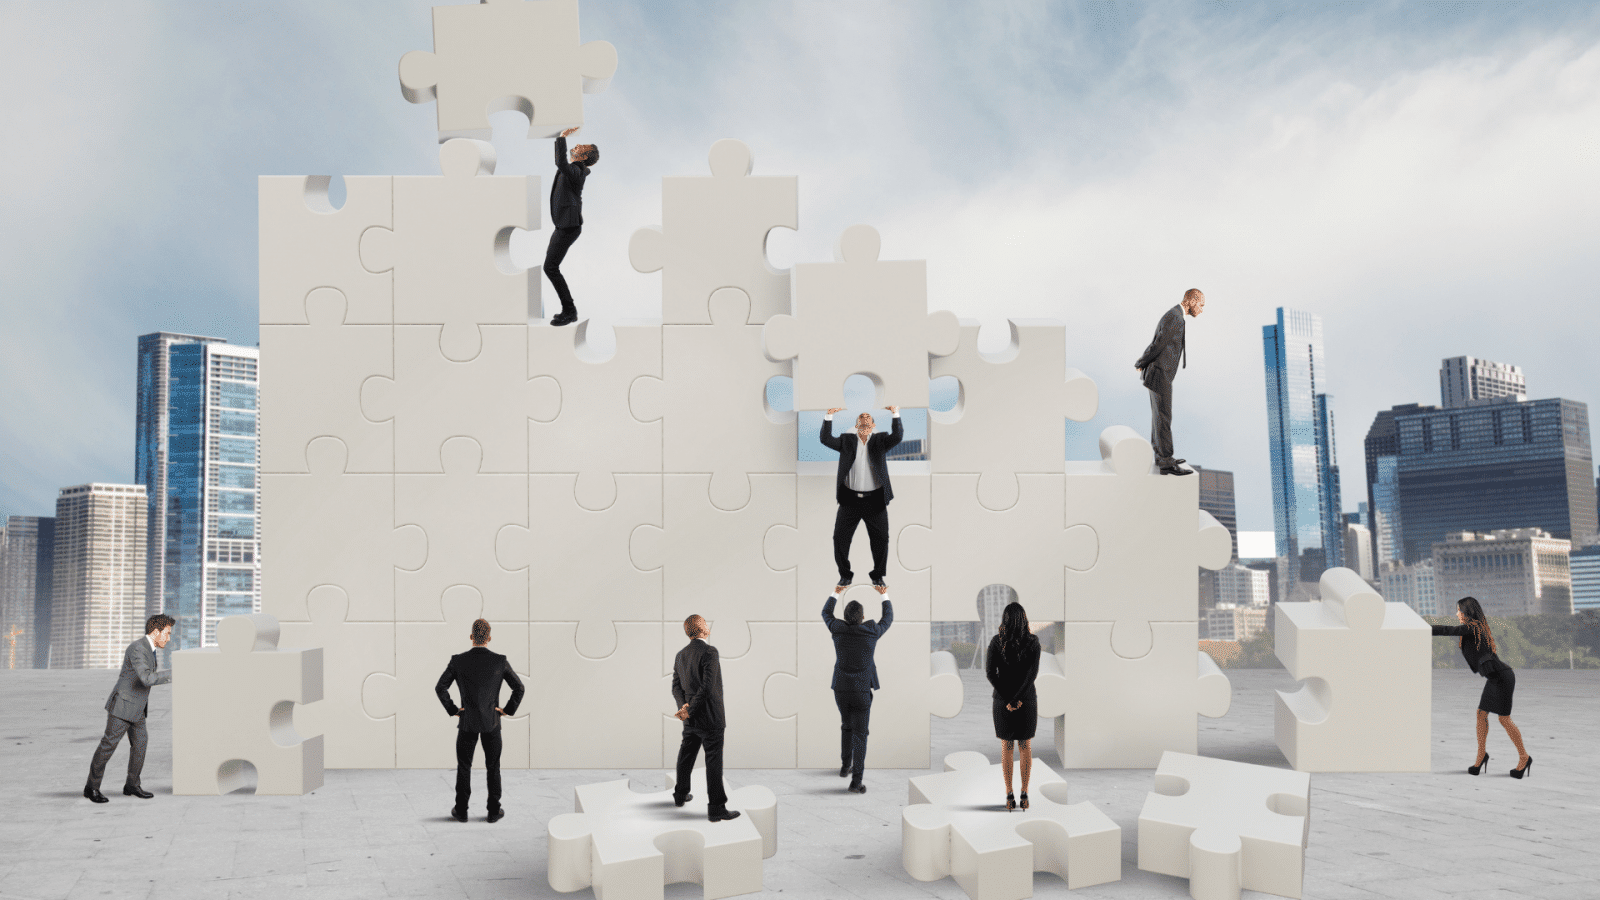 Nowa szansa dla przedsiębiorców po ogłoszeniu upadłości dzięki Pawłowi Jandzie